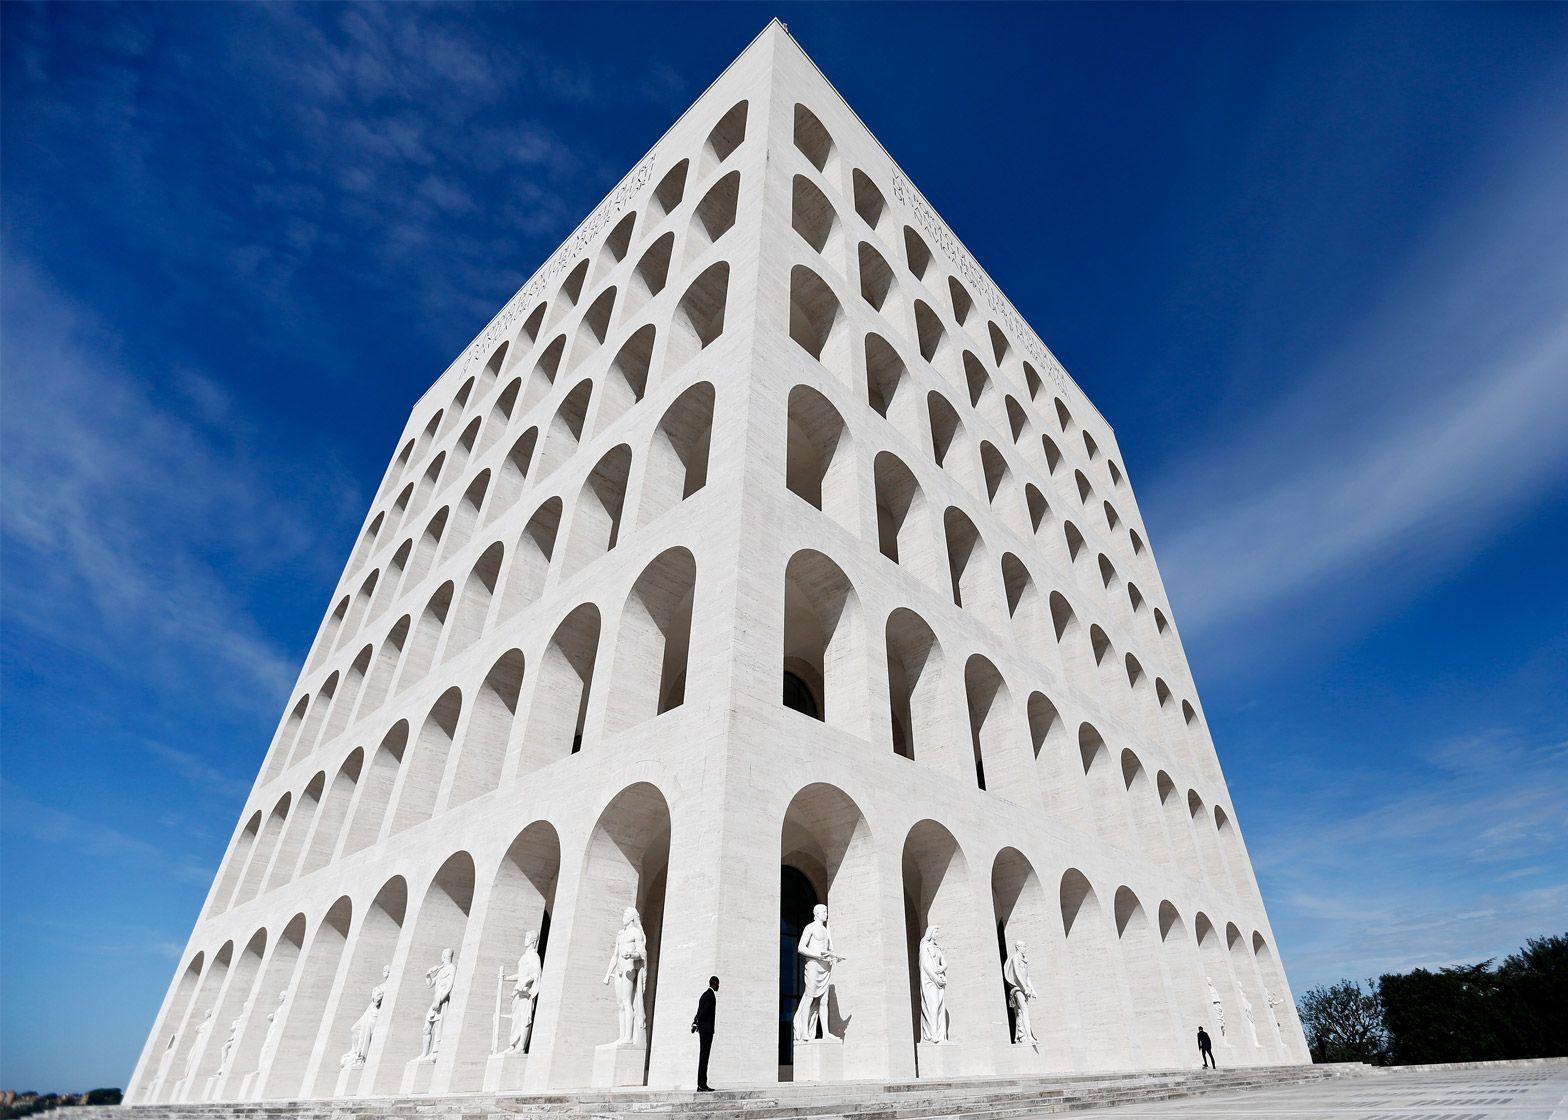 Italian Fashion House Fendi Has Moved Into Its New Headquarters At Rome S Palazzo Della Civilta Italiana Fascist Architecture Italian Architecture Architecture